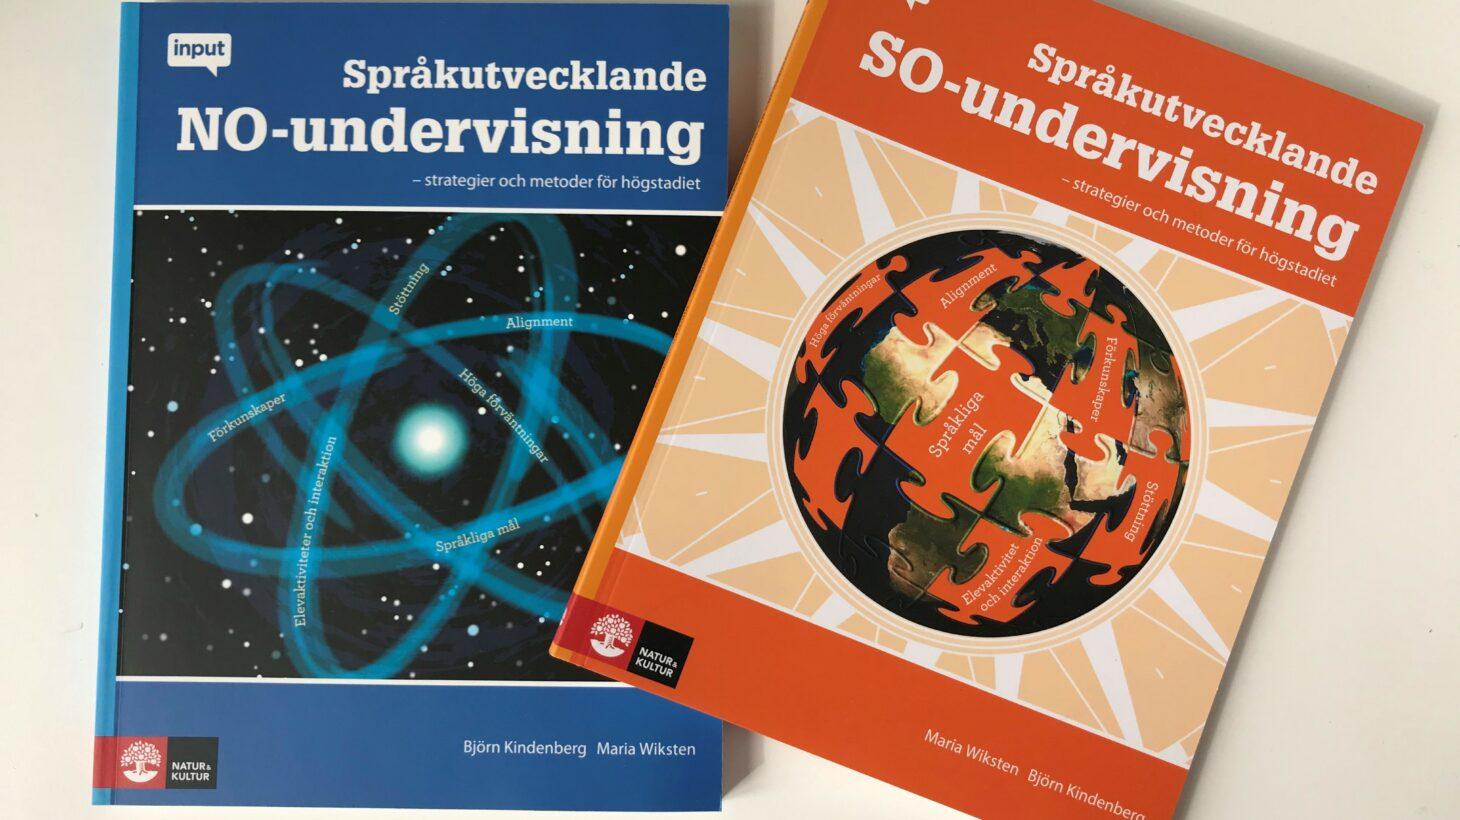 Böcker om SO- och NO undervisning ligger på bord.